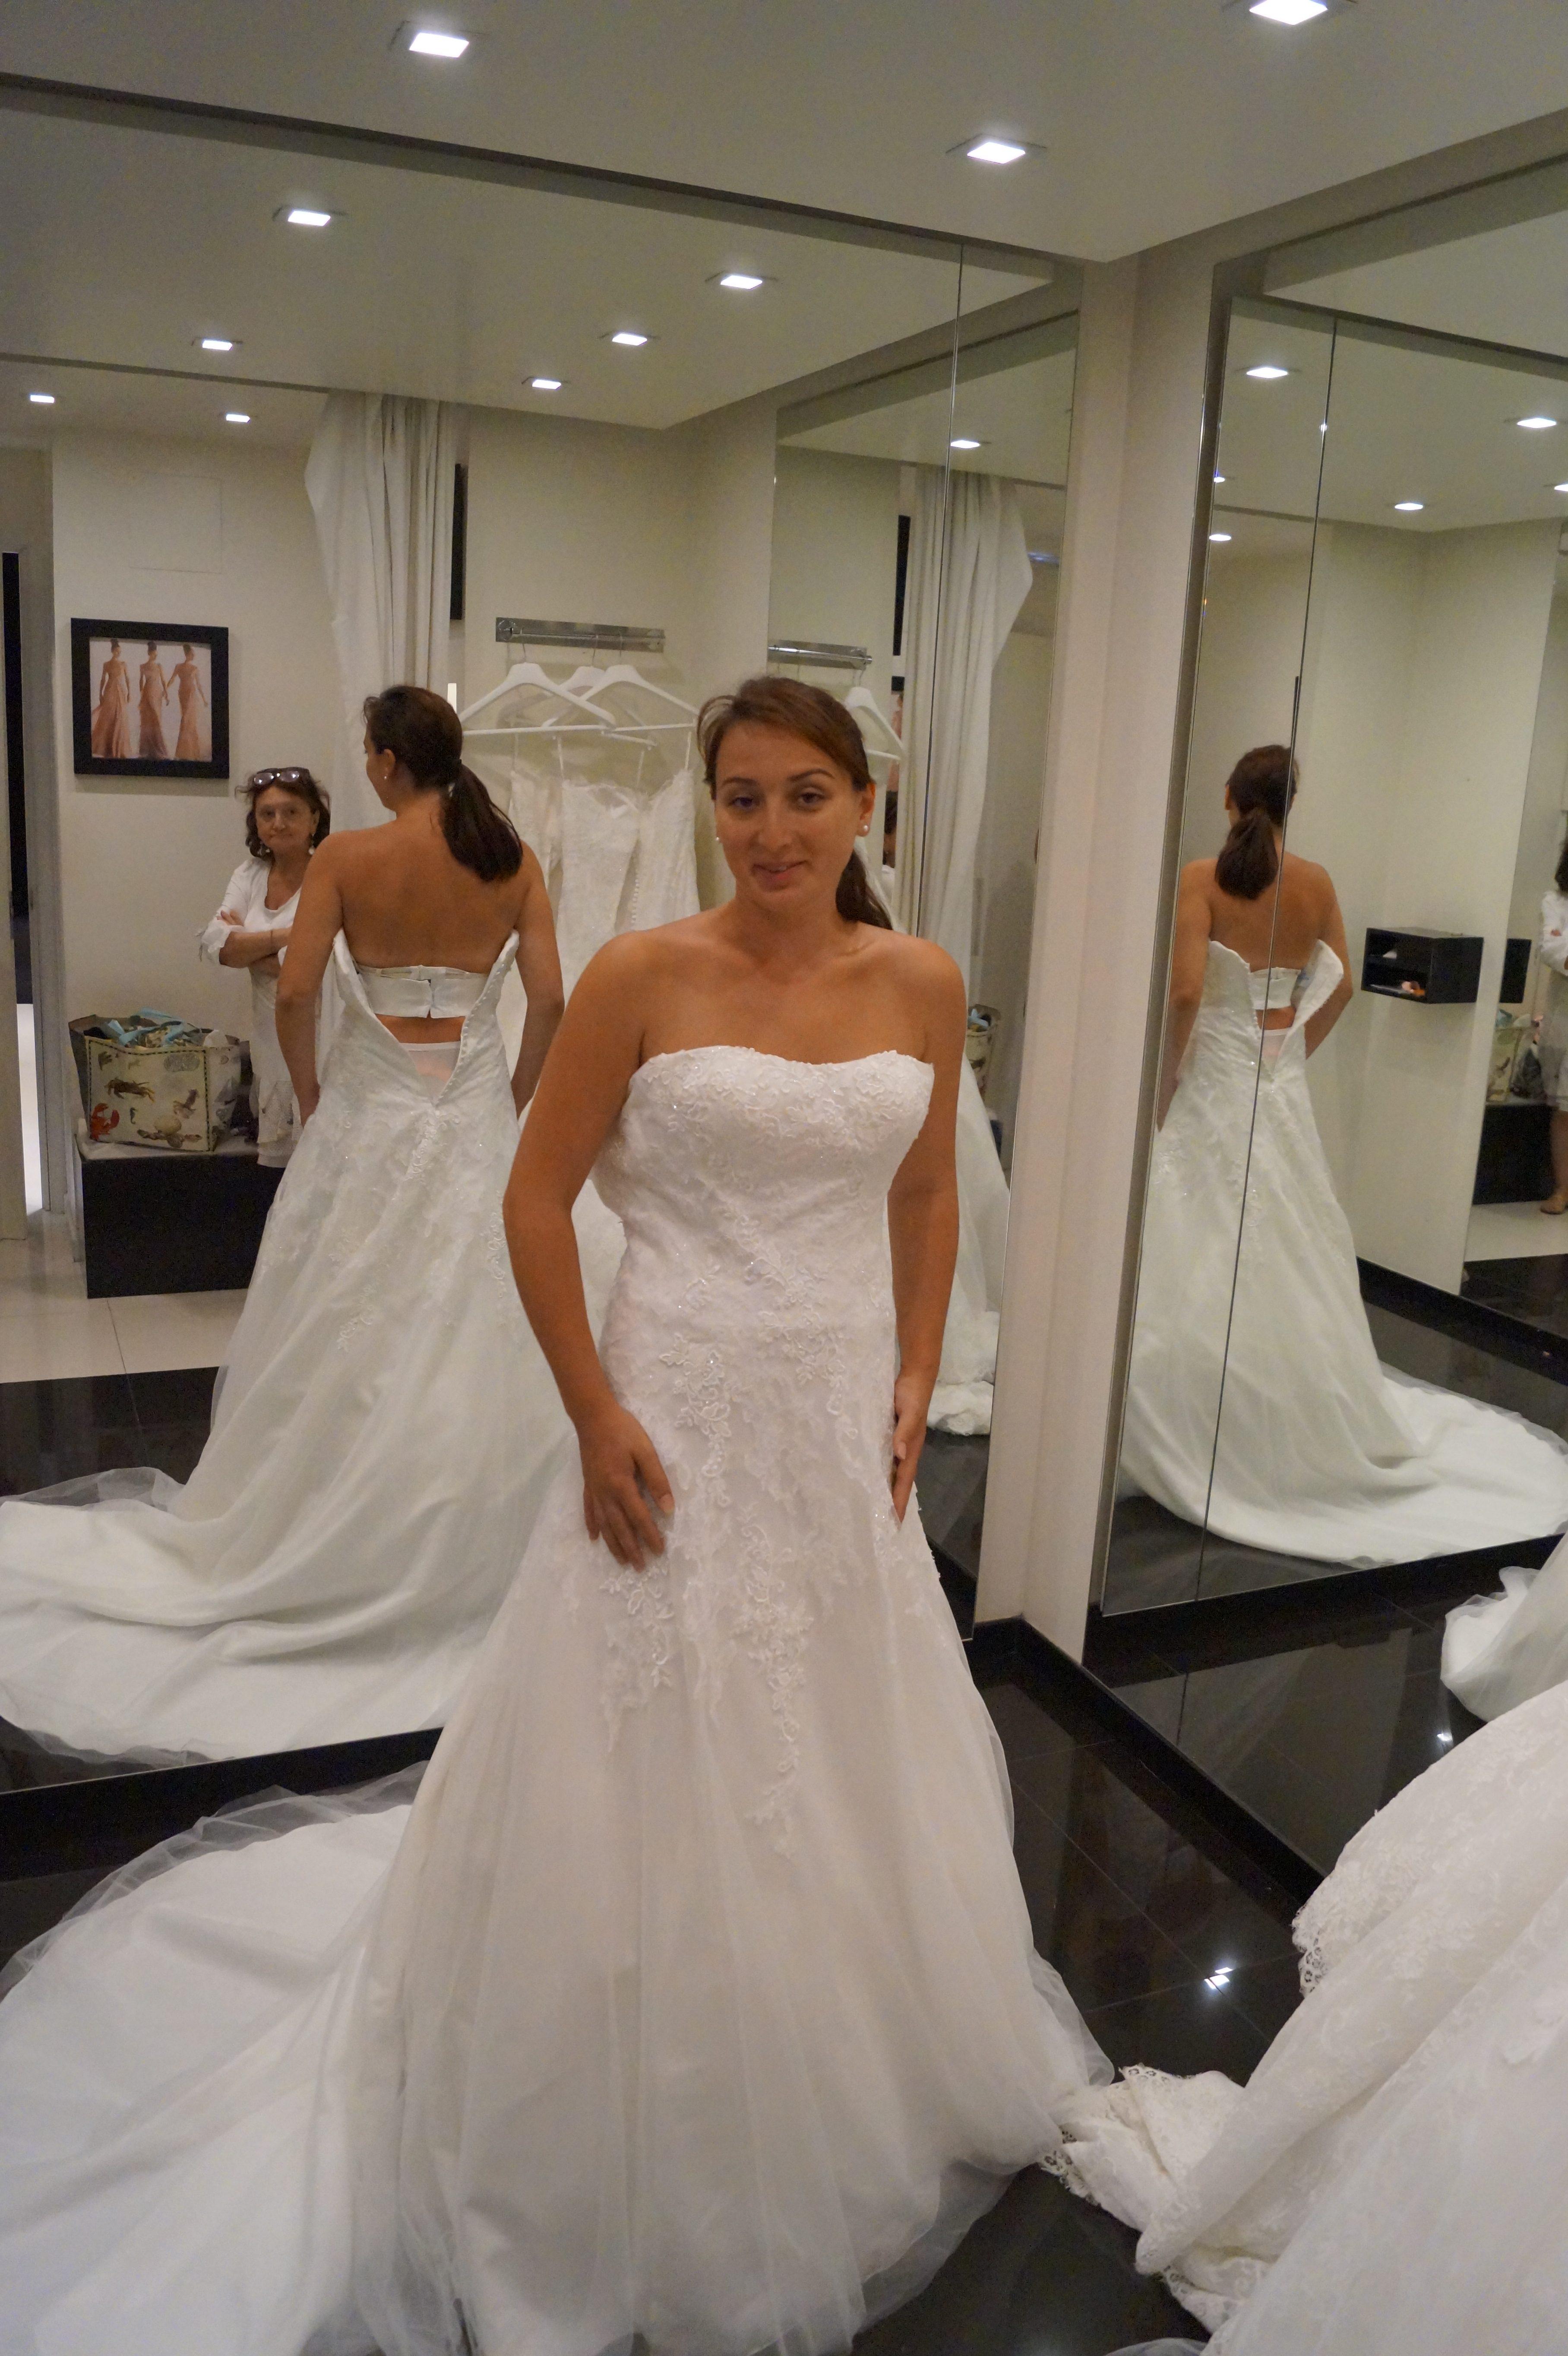 Objectif n°3 : trouver la robe de mes rêves – L'élue de mon cœur